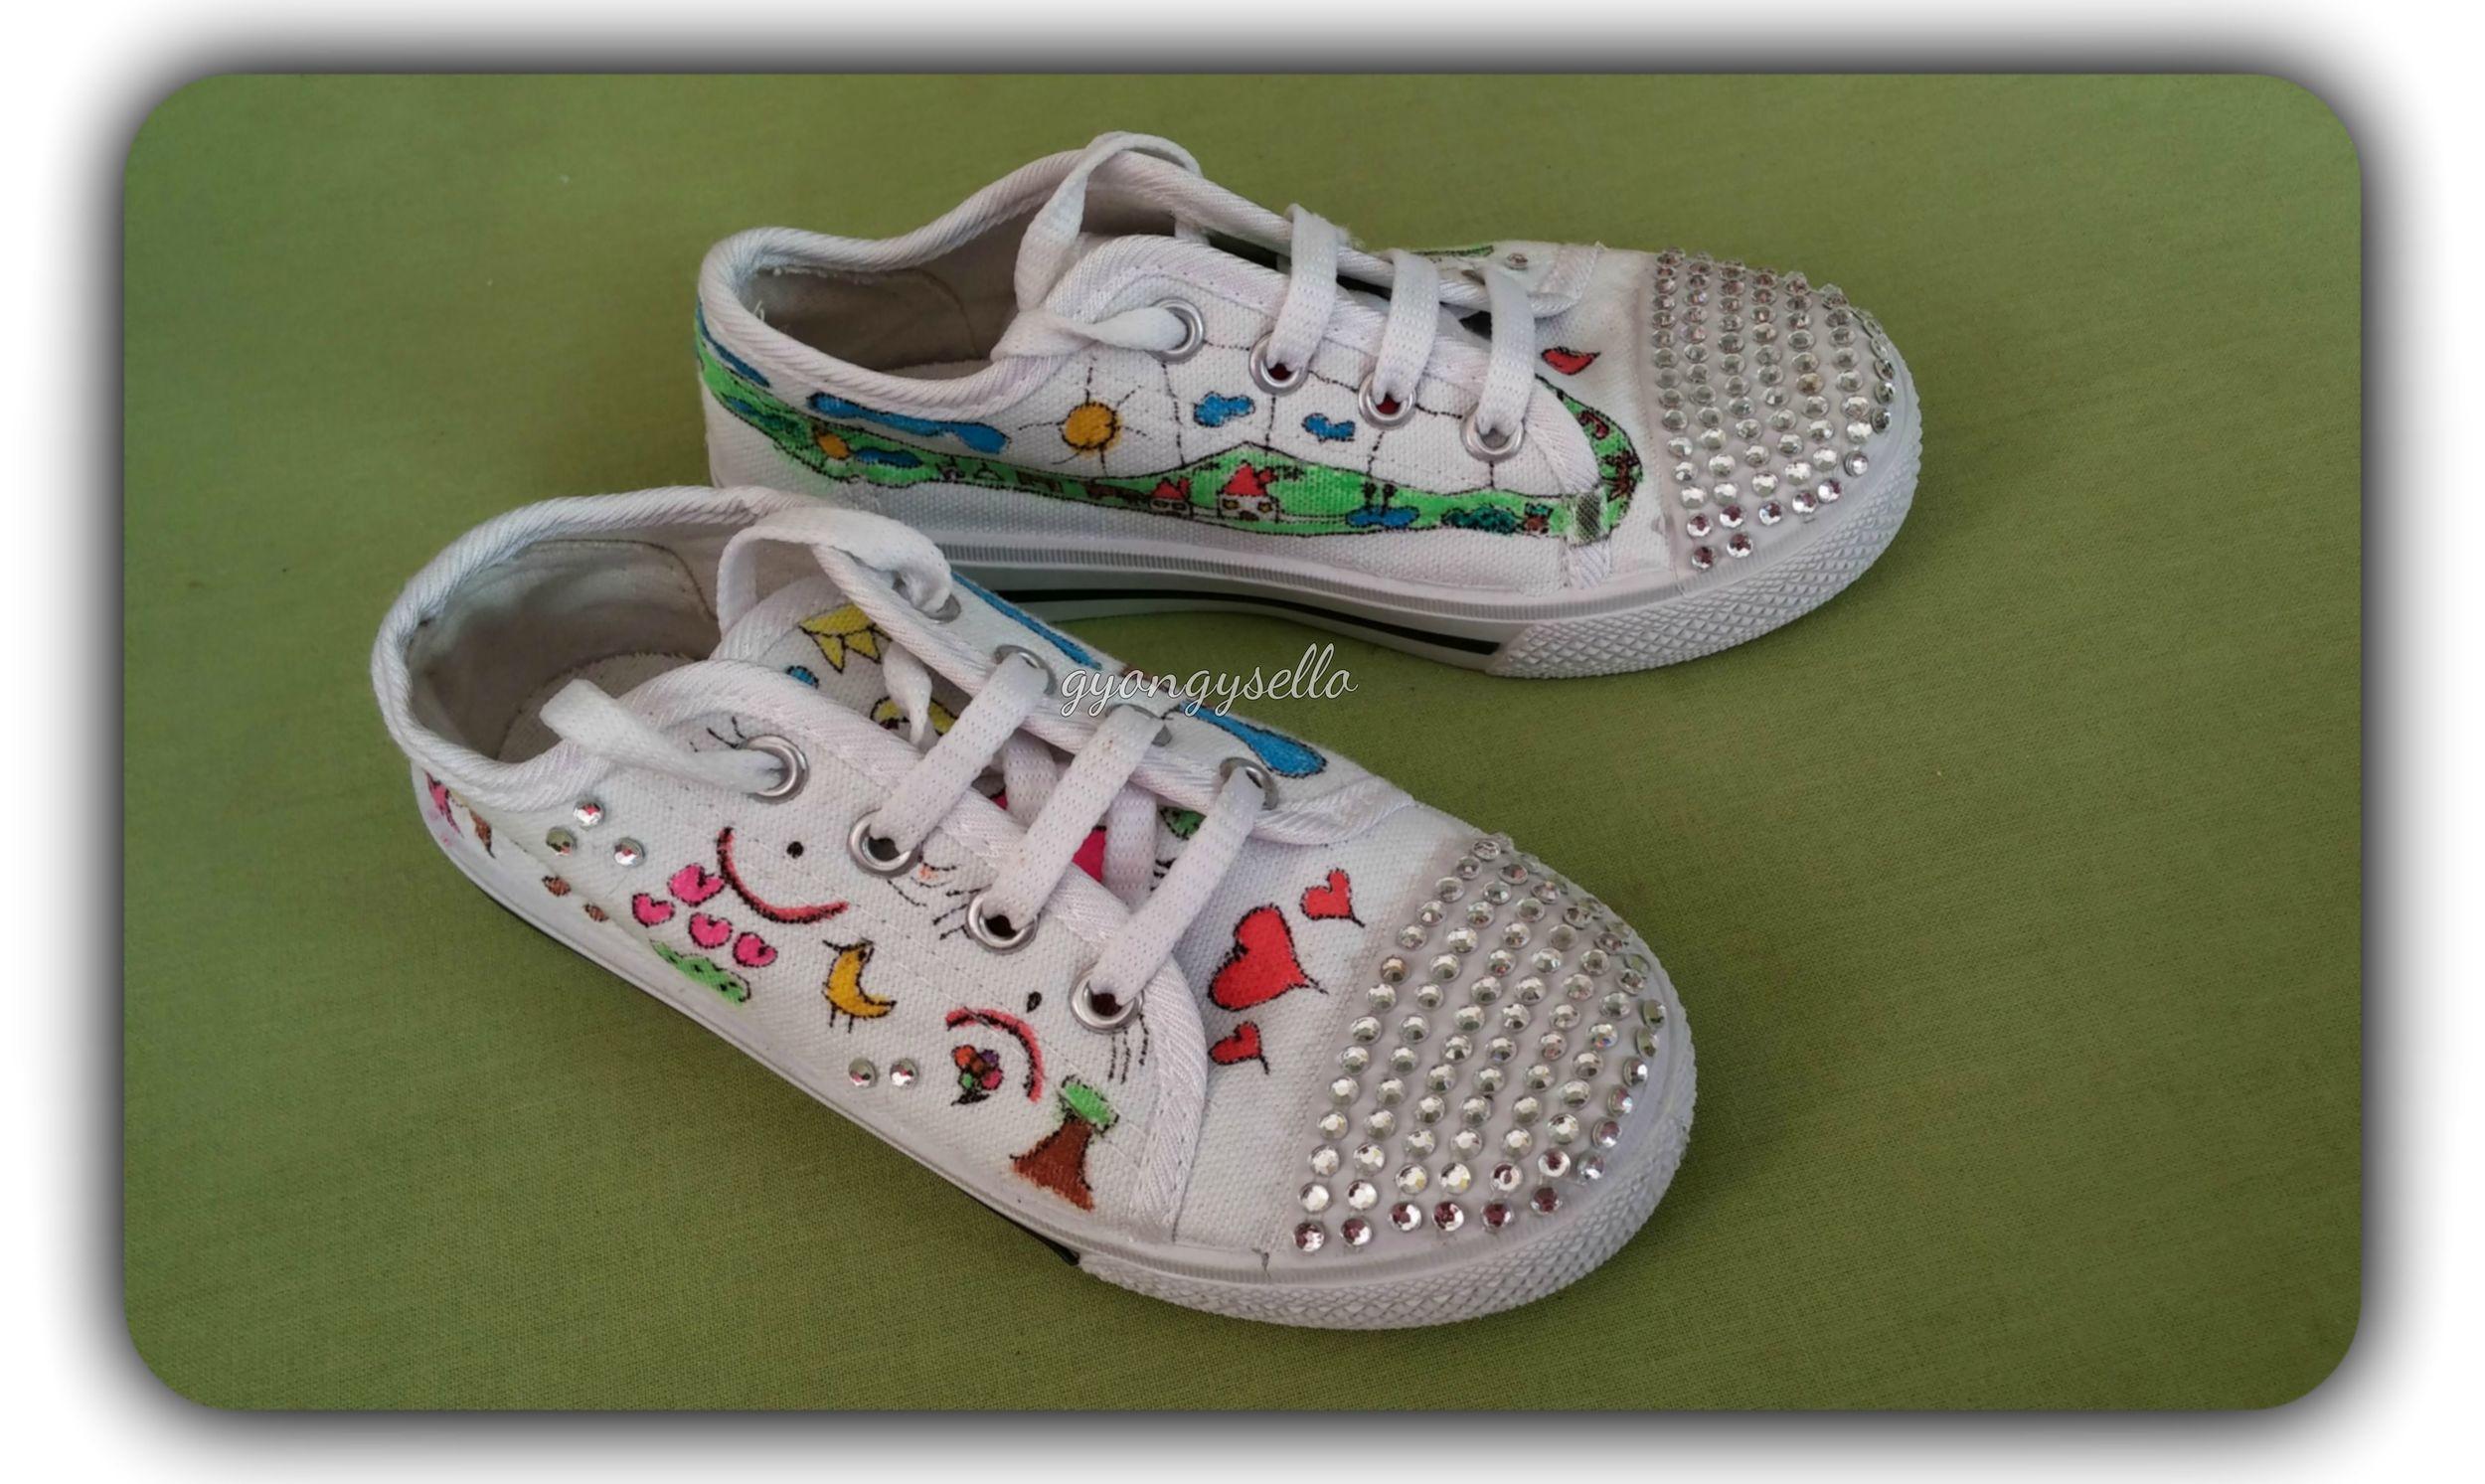 Egyedi rajzos vászoncipő